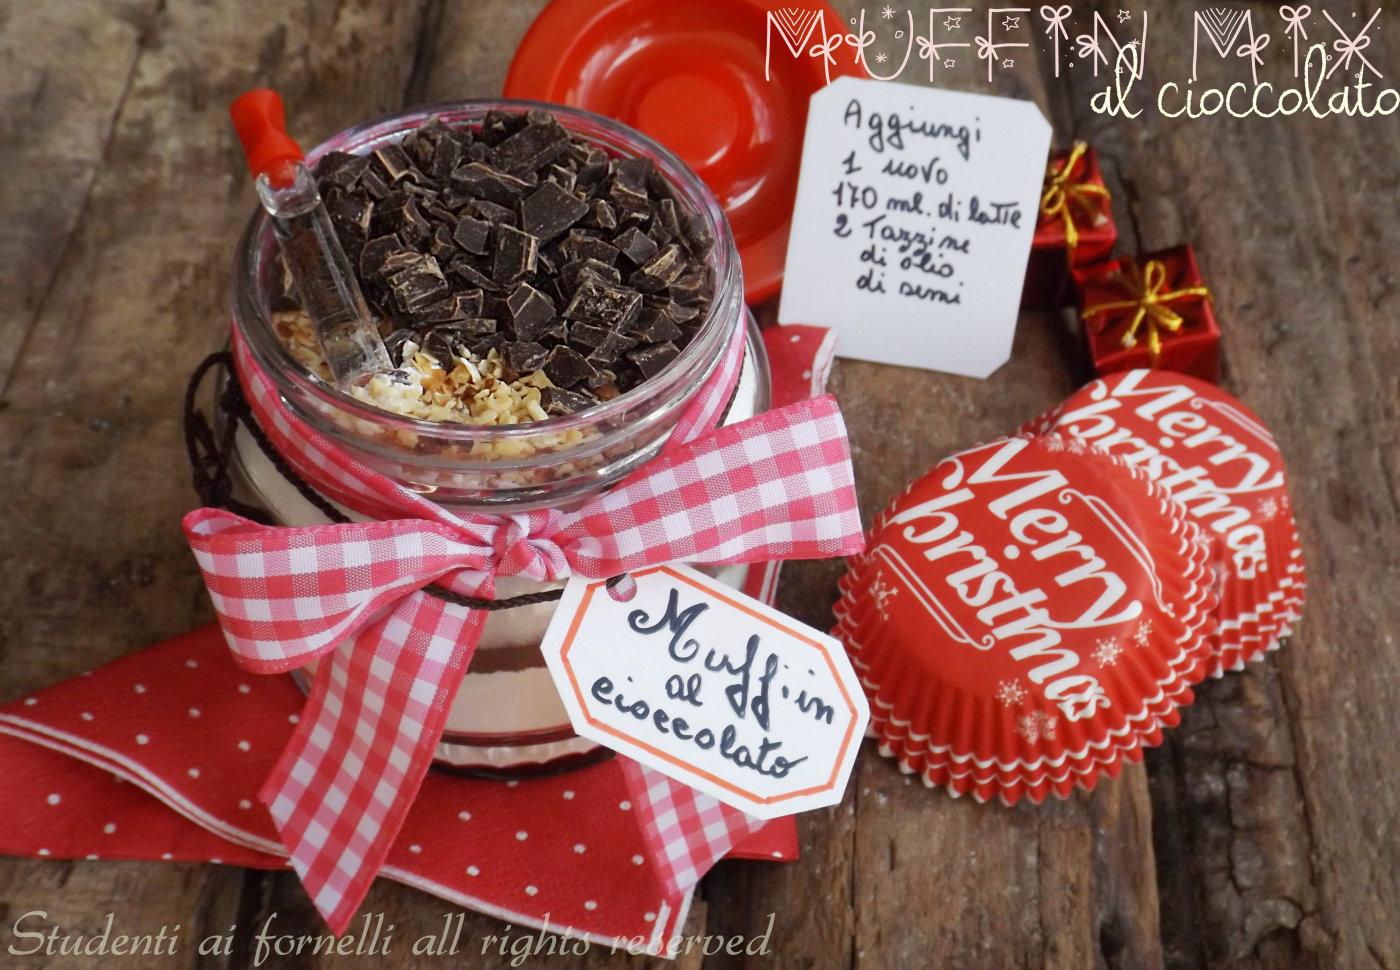 Muffin mix al cioccolato in barattolo ricetta idea regalo for Idea per regalo